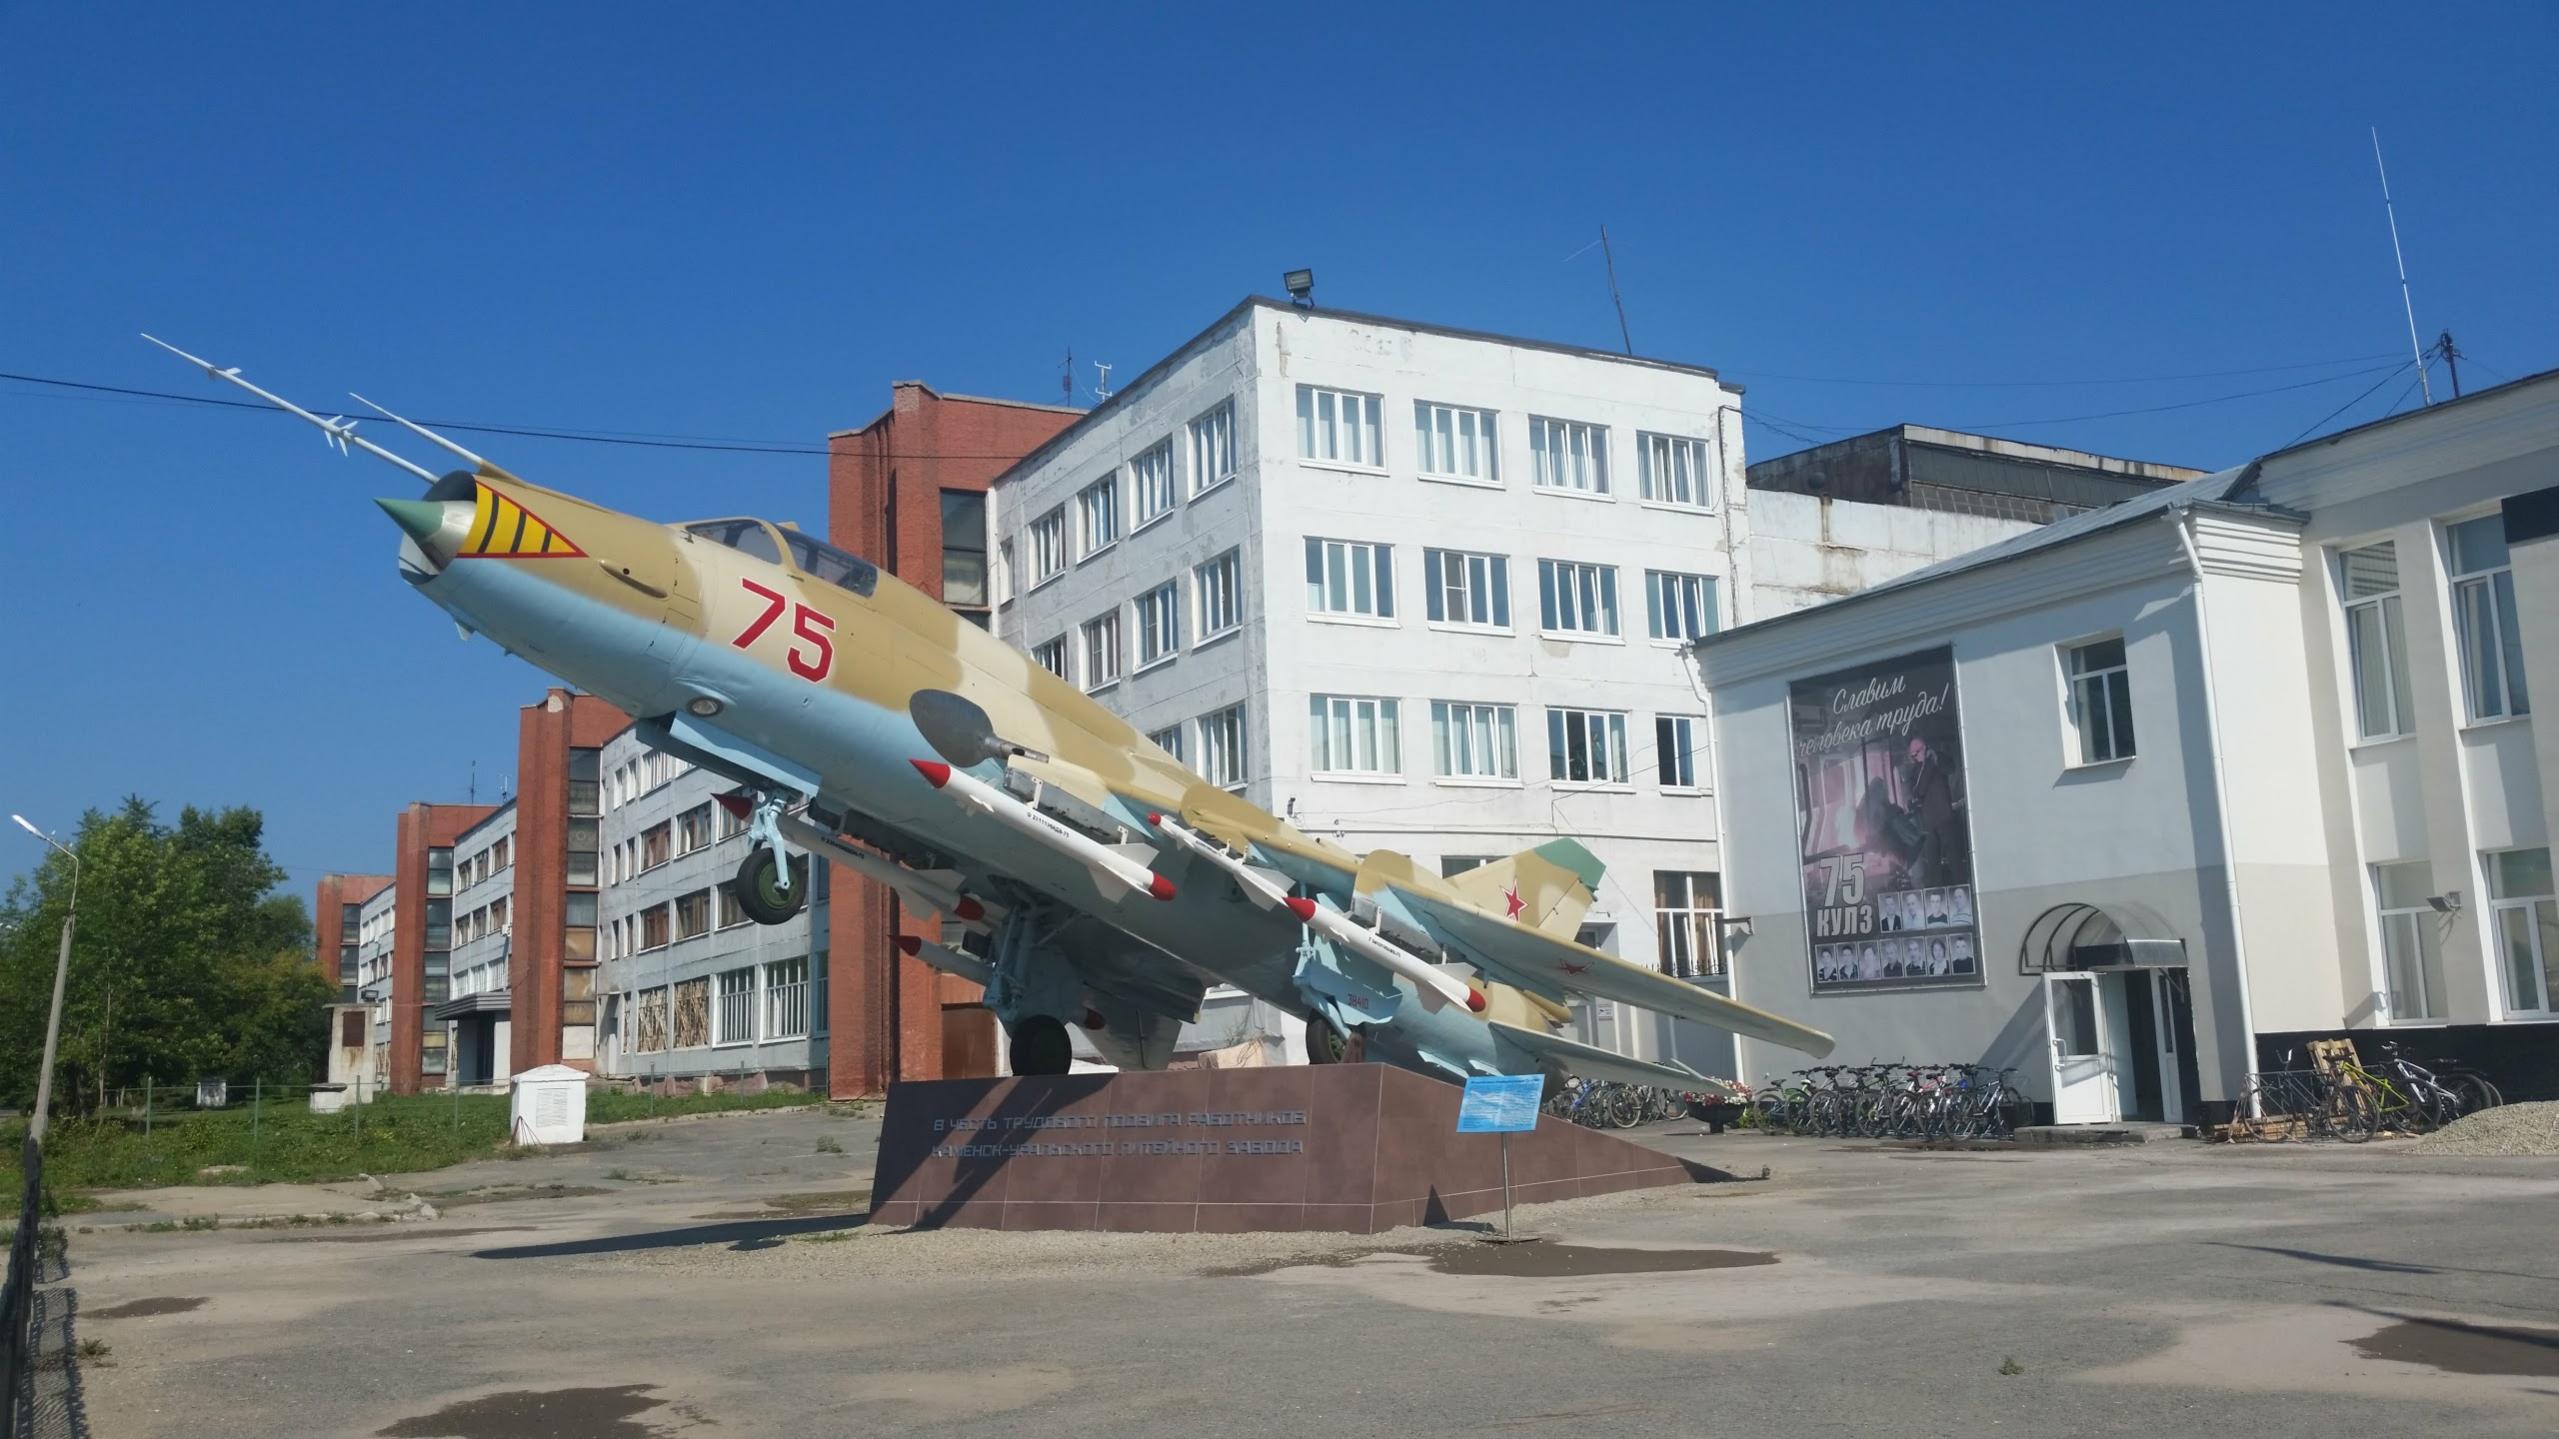 Naam: Su 17 - Kamensk-Uralski.jpg Bekeken: 117 Grootte: 330,0 KB